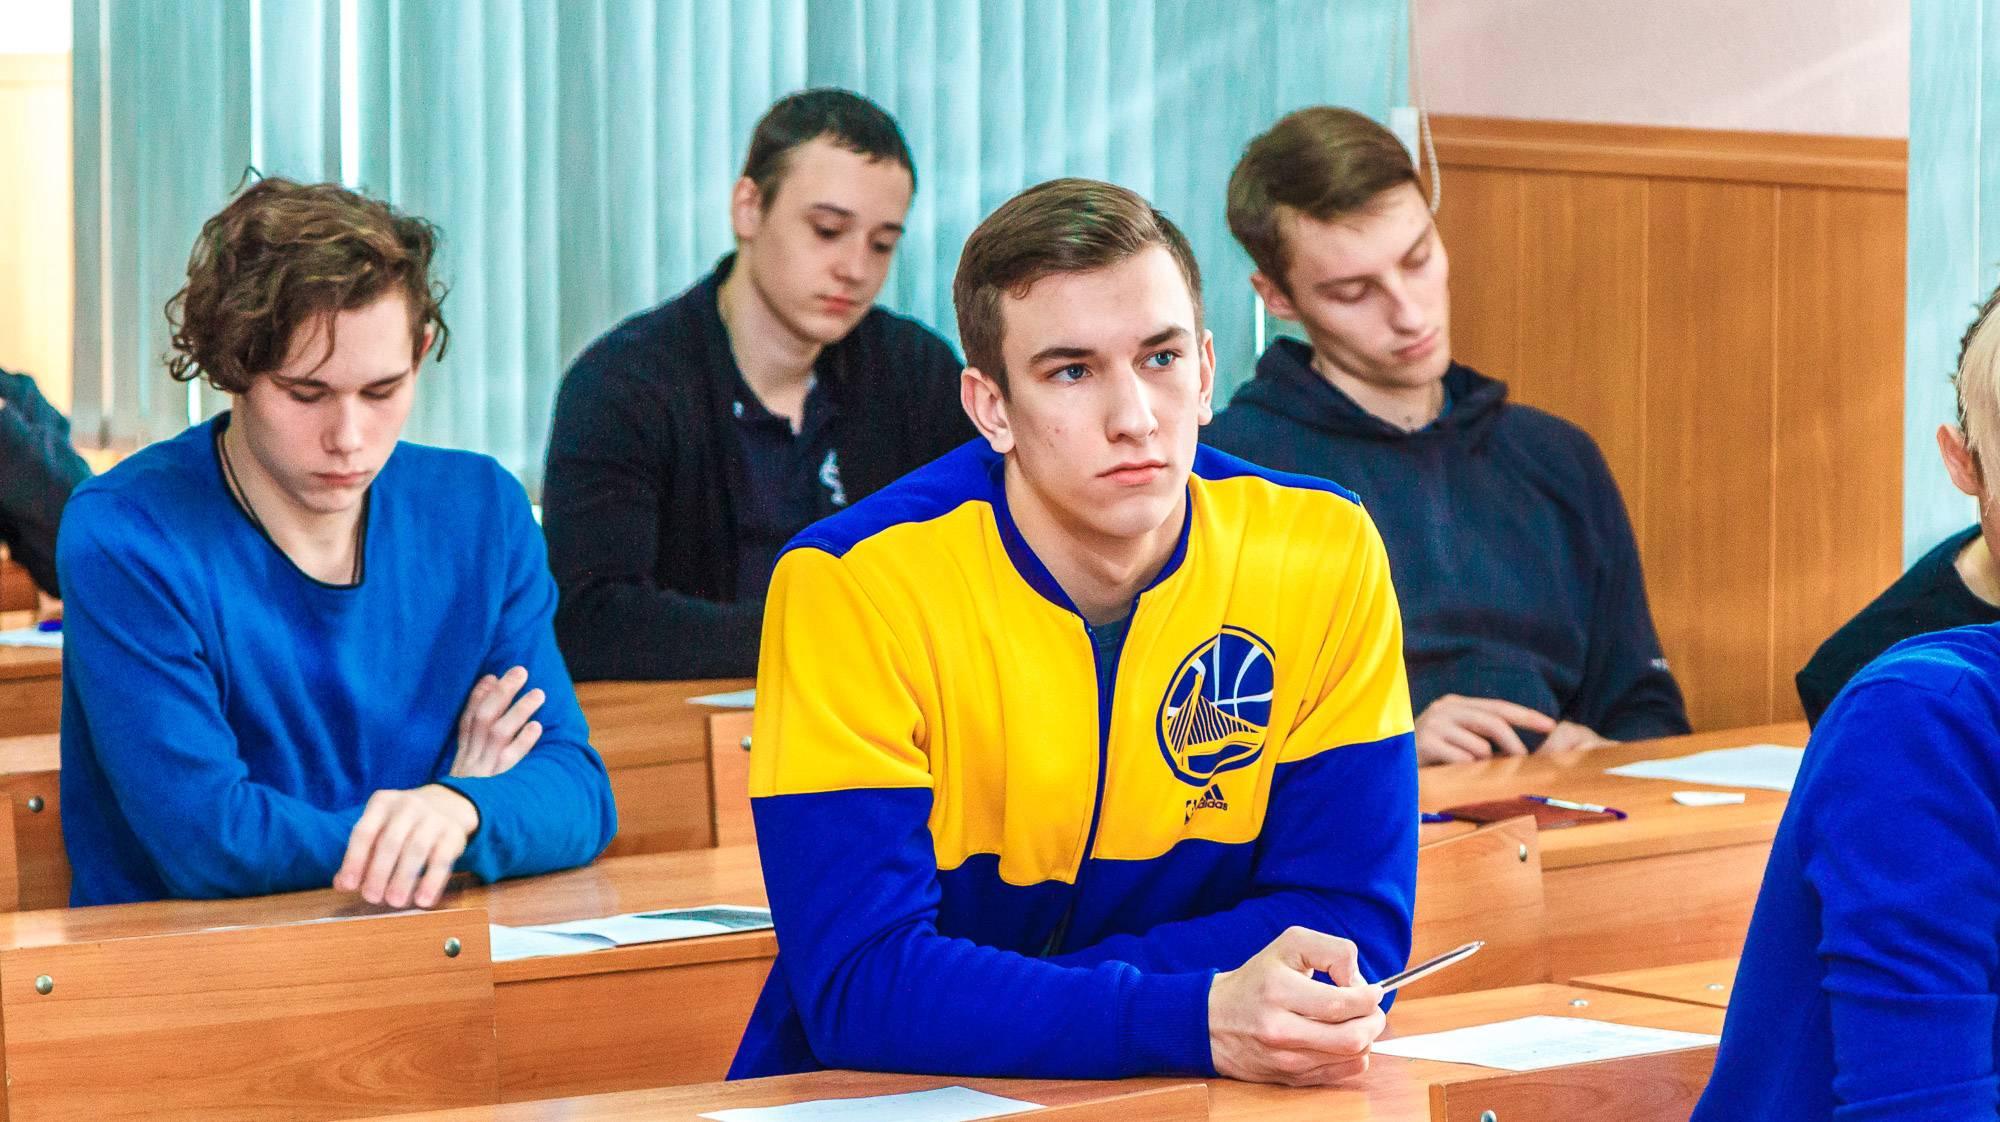 Заключительный этап олимпиады по физкультуре пройдет в Ульяновске